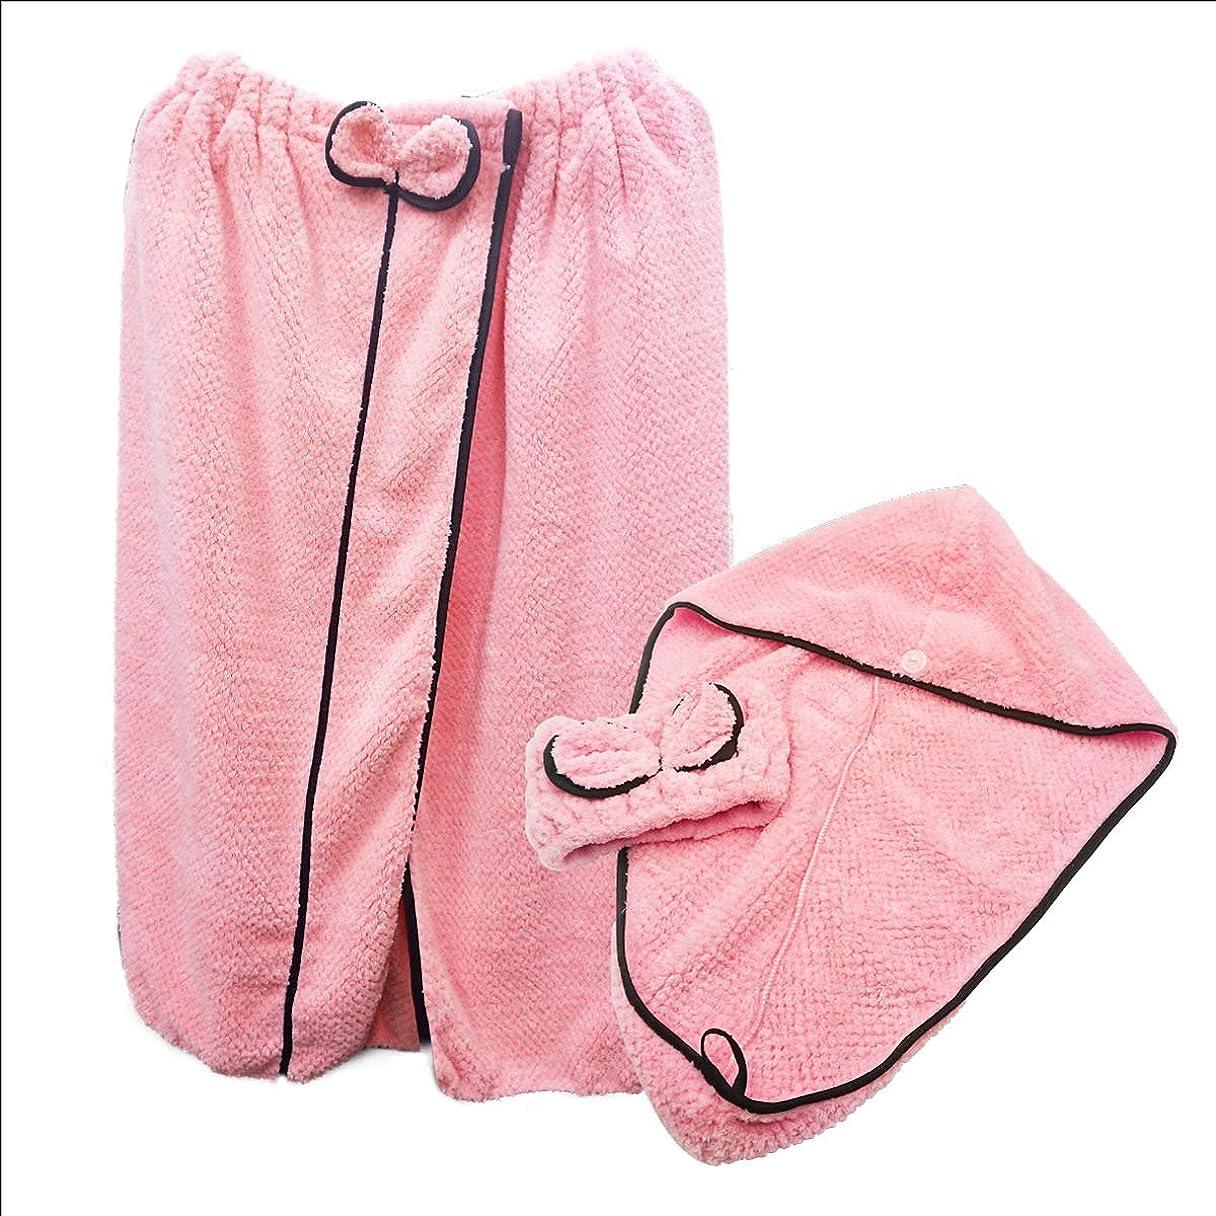 八過度の賢明なふわもこ着るバスタオル バスローブ ヘッドタオル ヘッドバンド の3点セット ピンク